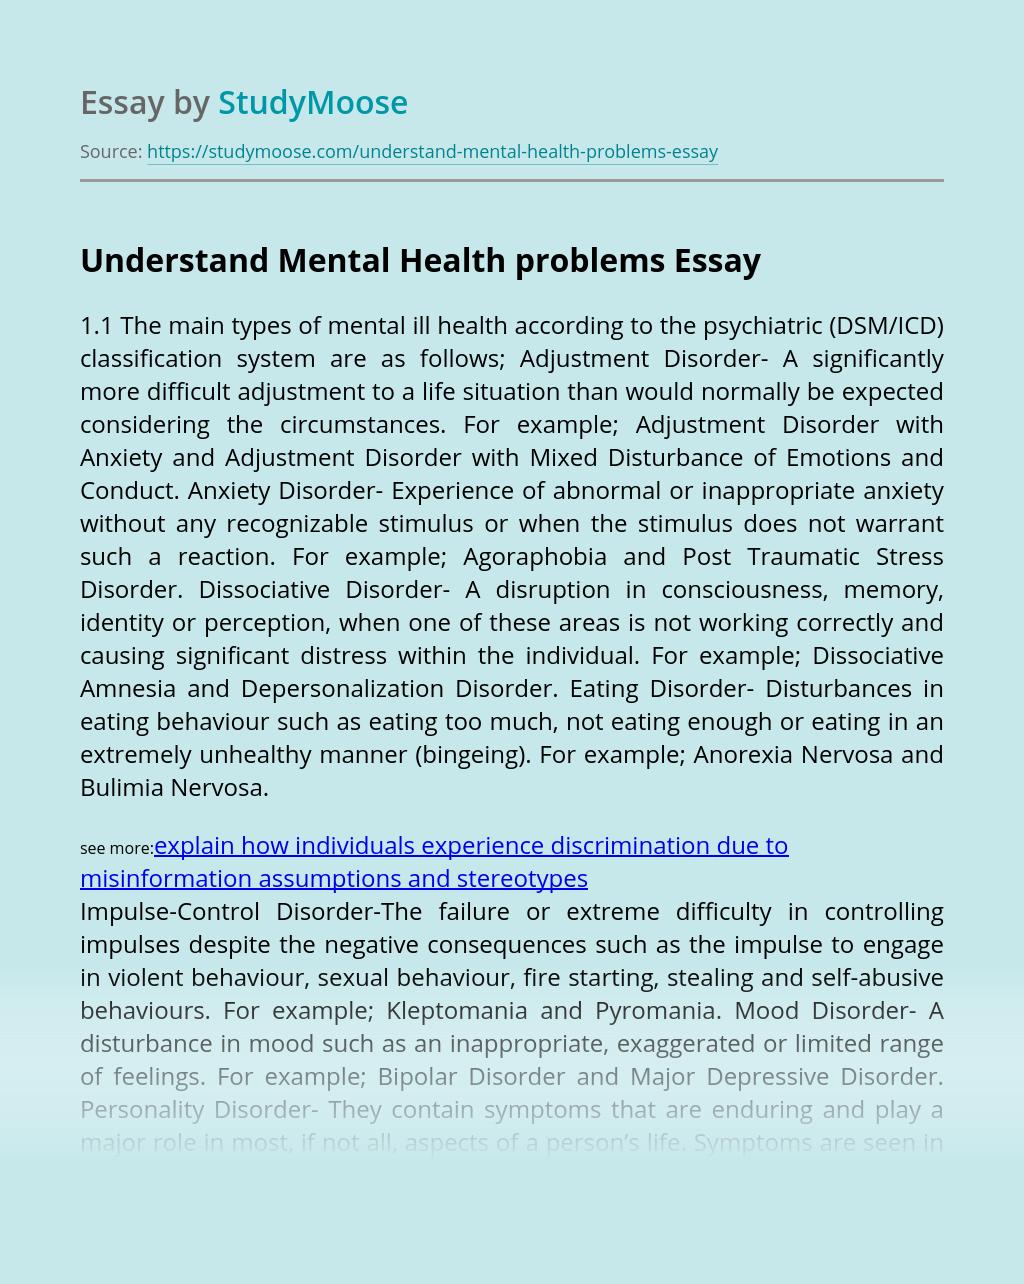 Understand Mental Health problems